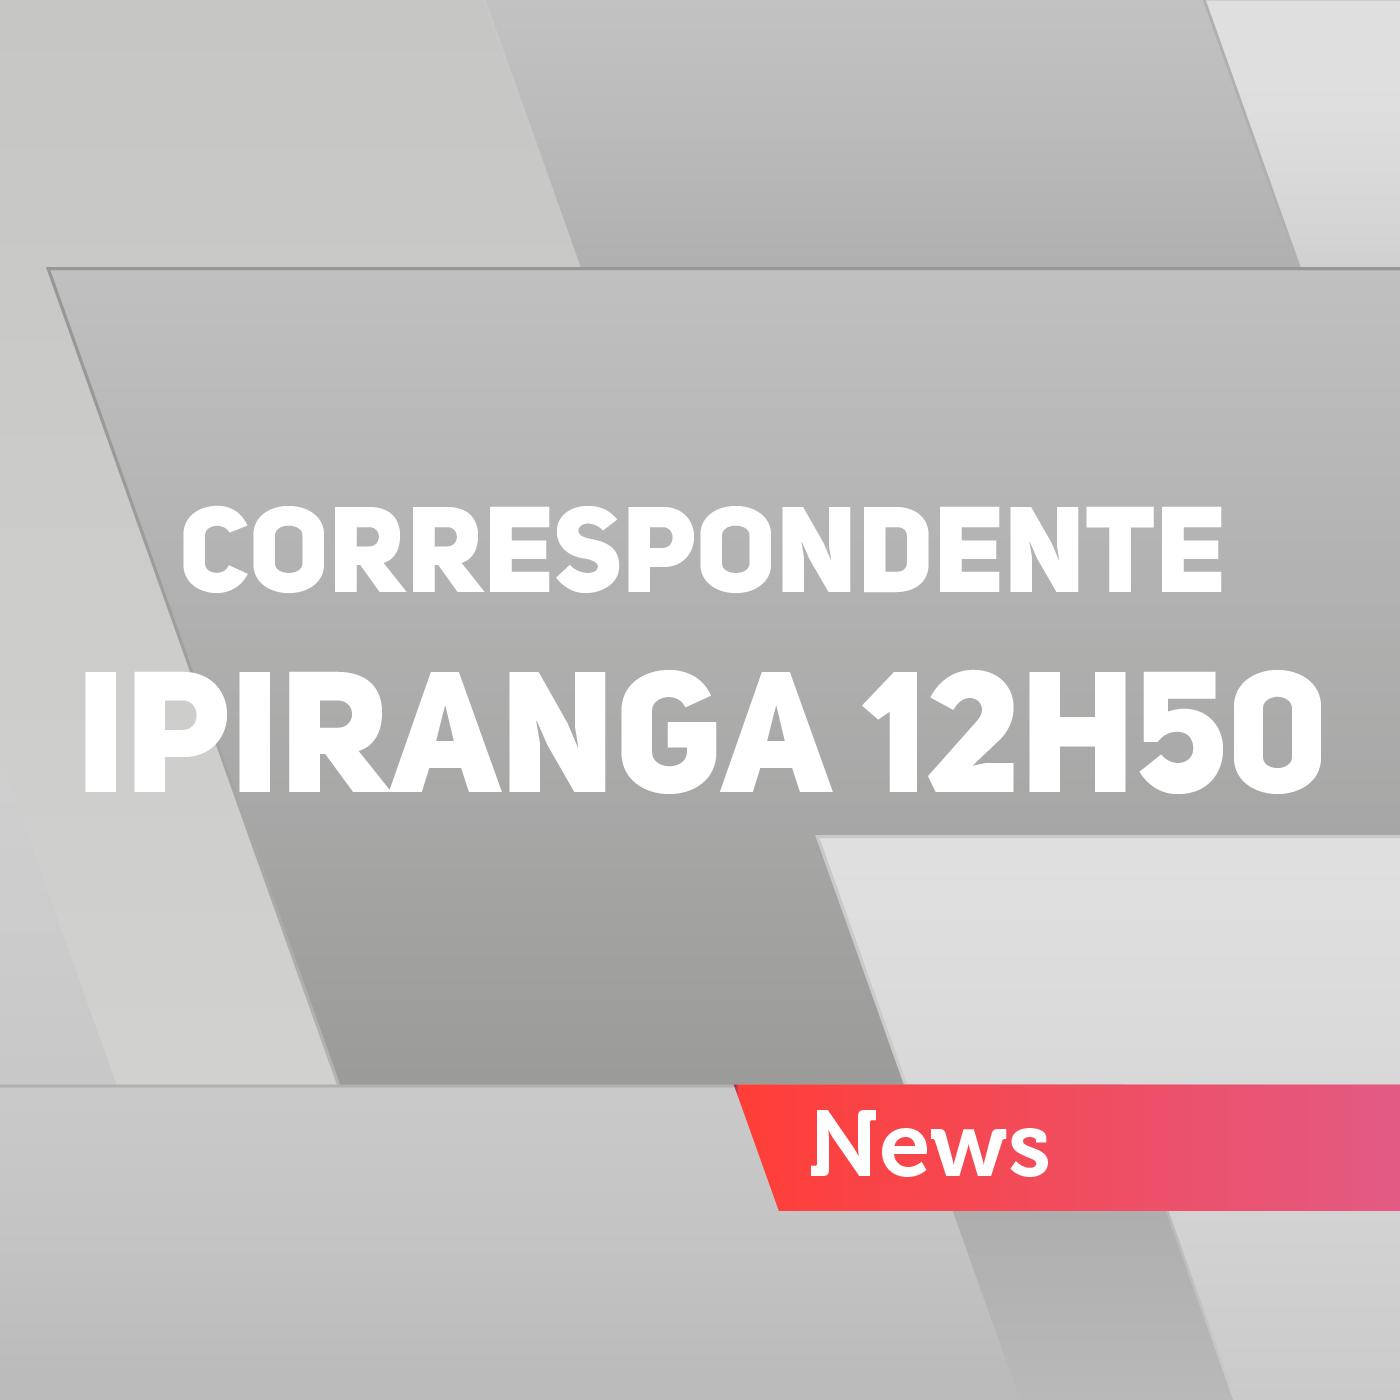 Correspondente Ipiranga 12h50 - 17/08/217